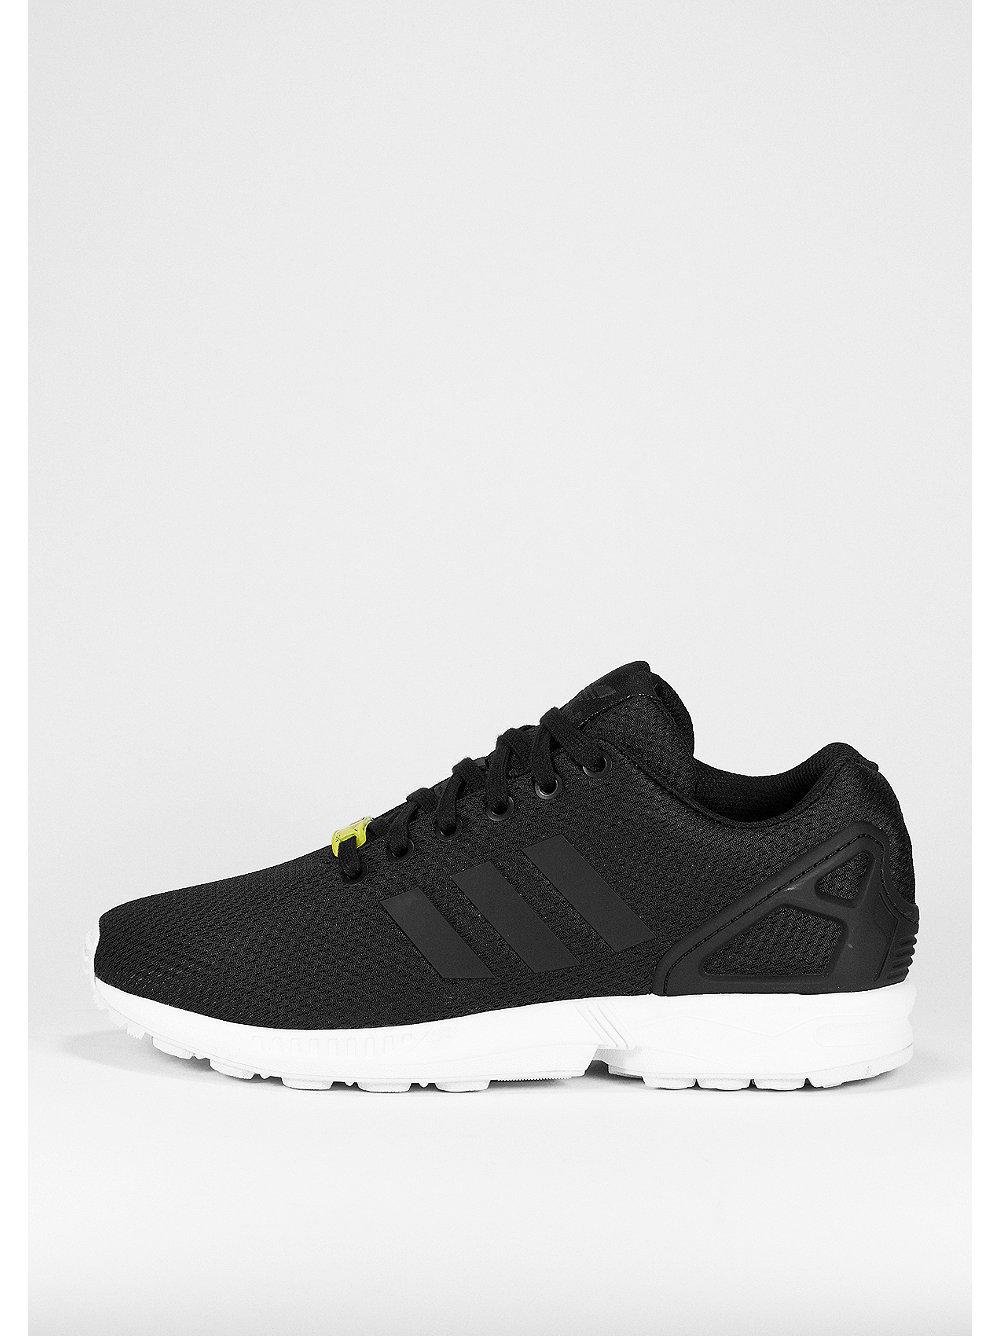 adidas ZX FLUX OG black